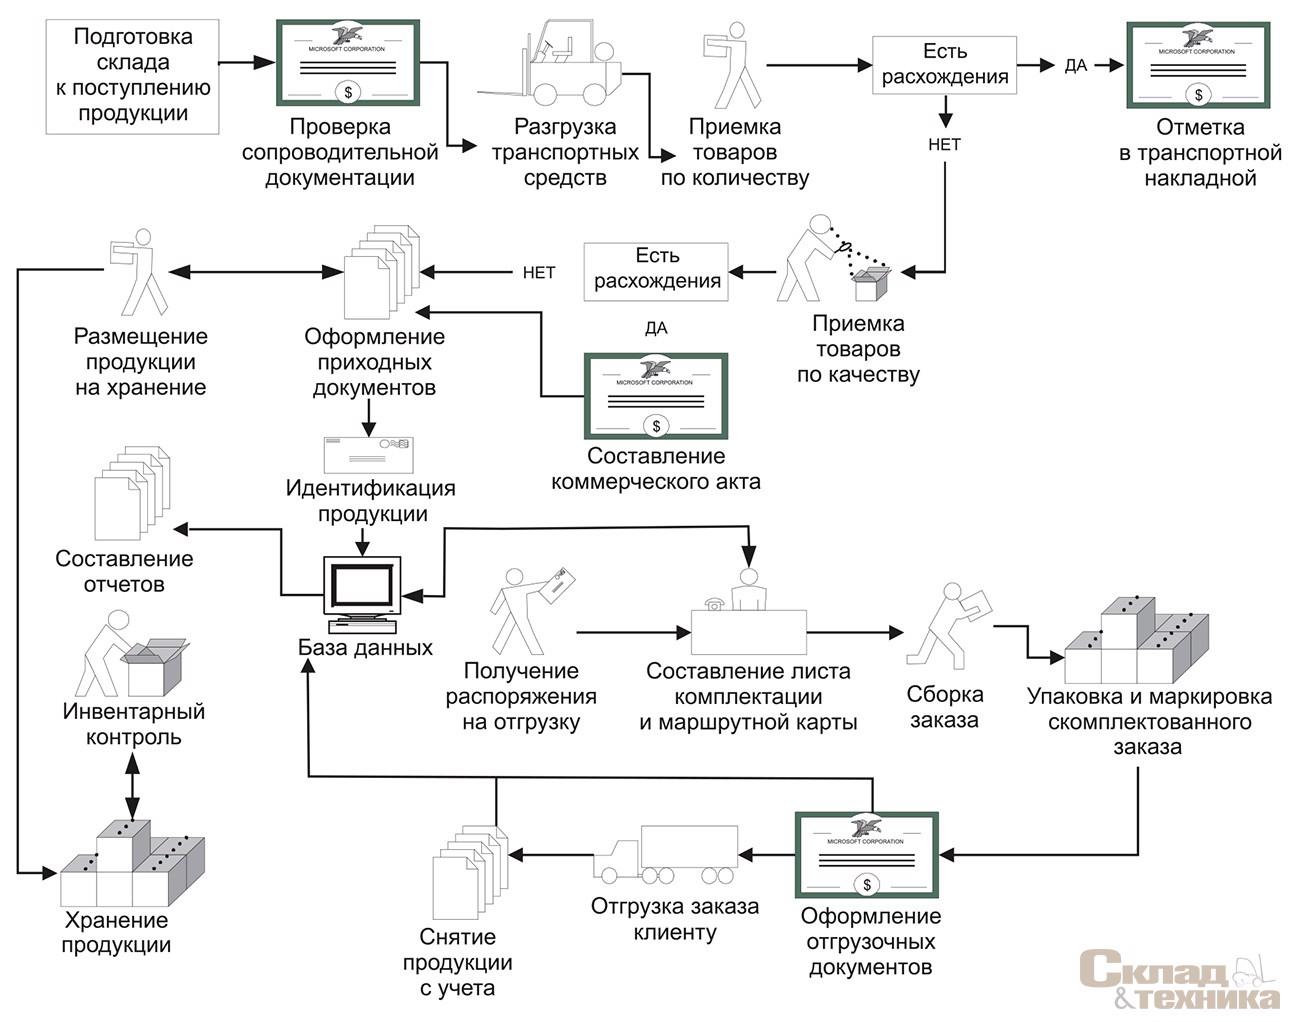 Акт внедрения технологического процесса образец leyvosign s diary Название документа медицинская технология Технологические процессы и управляющие программы разрабатывают на основе разнообразной информации